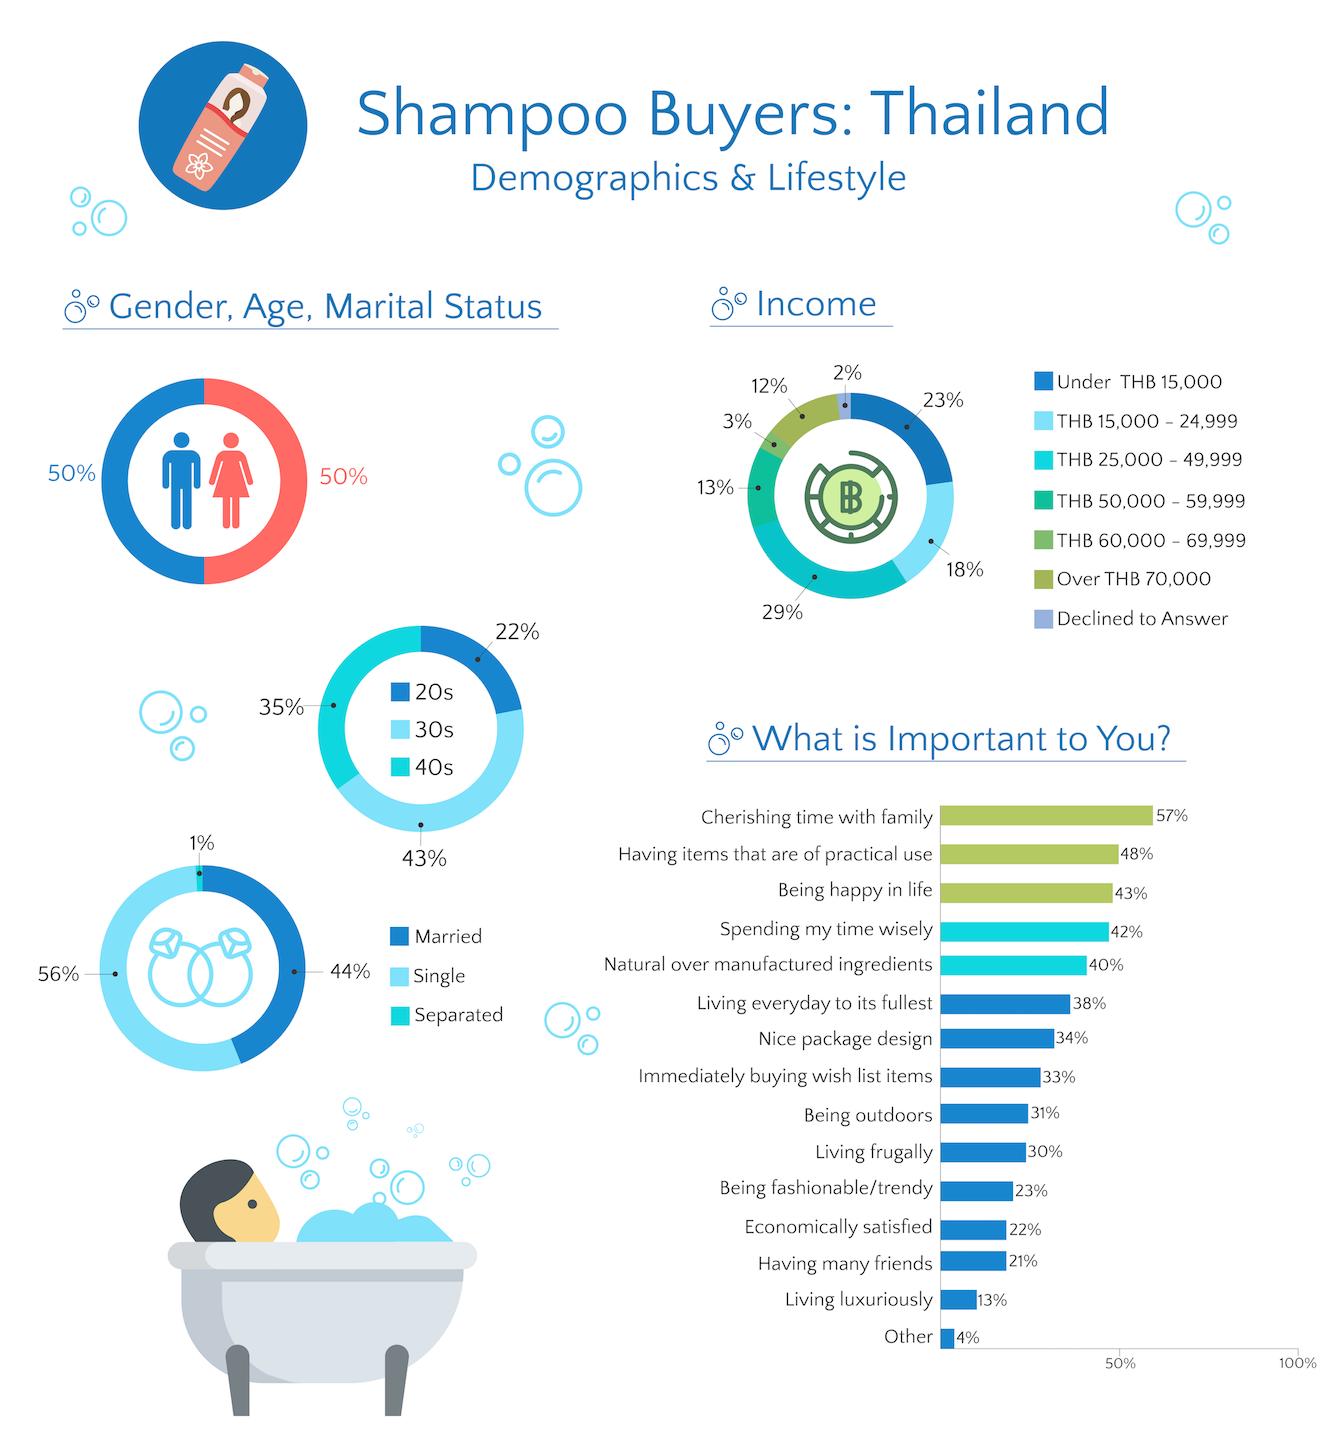 thailand shampoo buyer demographic